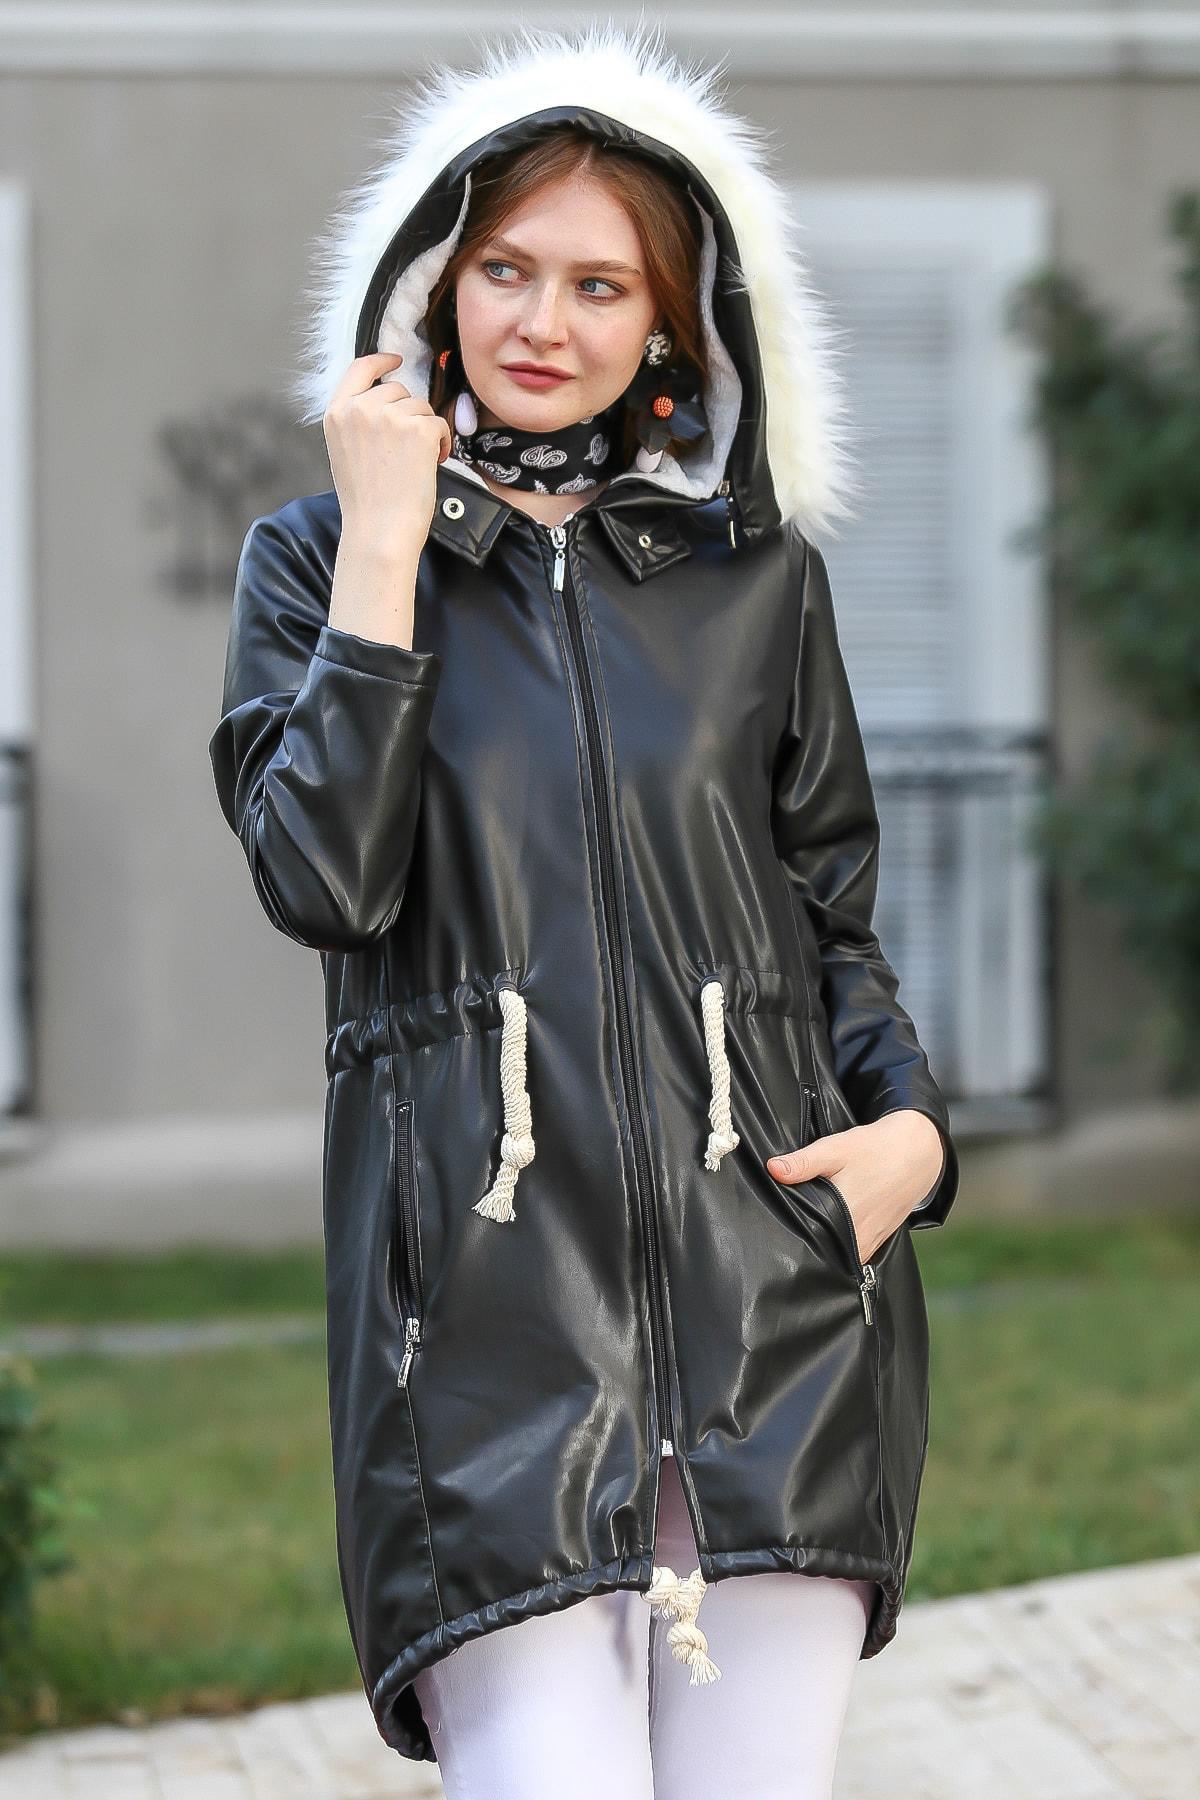 Chiccy Kadın Siyah Vintage Kapüşonu Vegan Kürk Detaylı Beli Büzgülü Astarlı Kaban M10210200KA99863